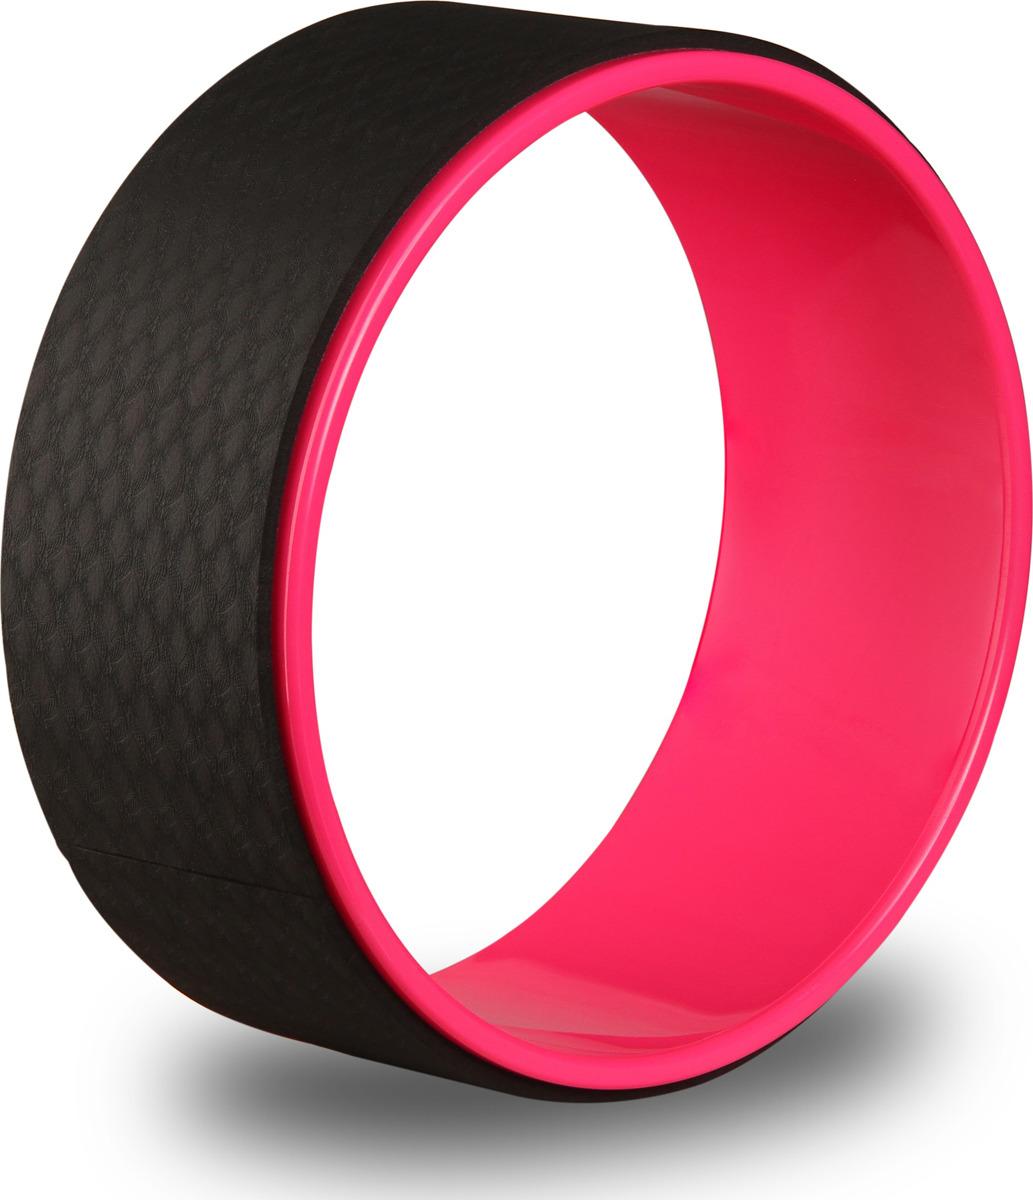 Колесо для йоги Indigo, цвет: розовый, черный, диаметр 32 см колесо для йоги indigo цвет розовый черный диаметр 32 см